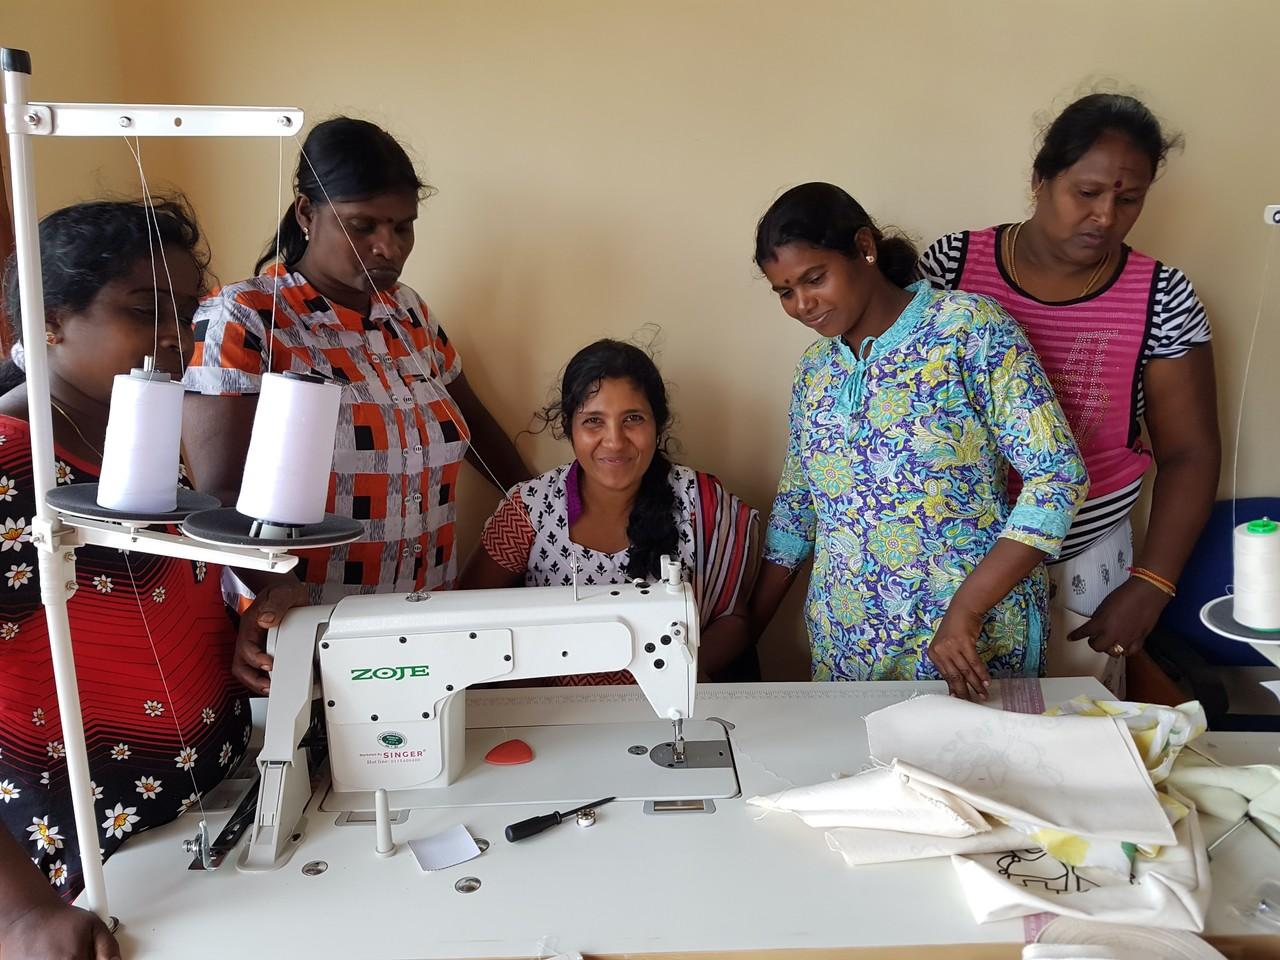 스리랑카 와우니아 현지 봉제 공장에서 일하는 타밀족 전쟁 피해 여성들